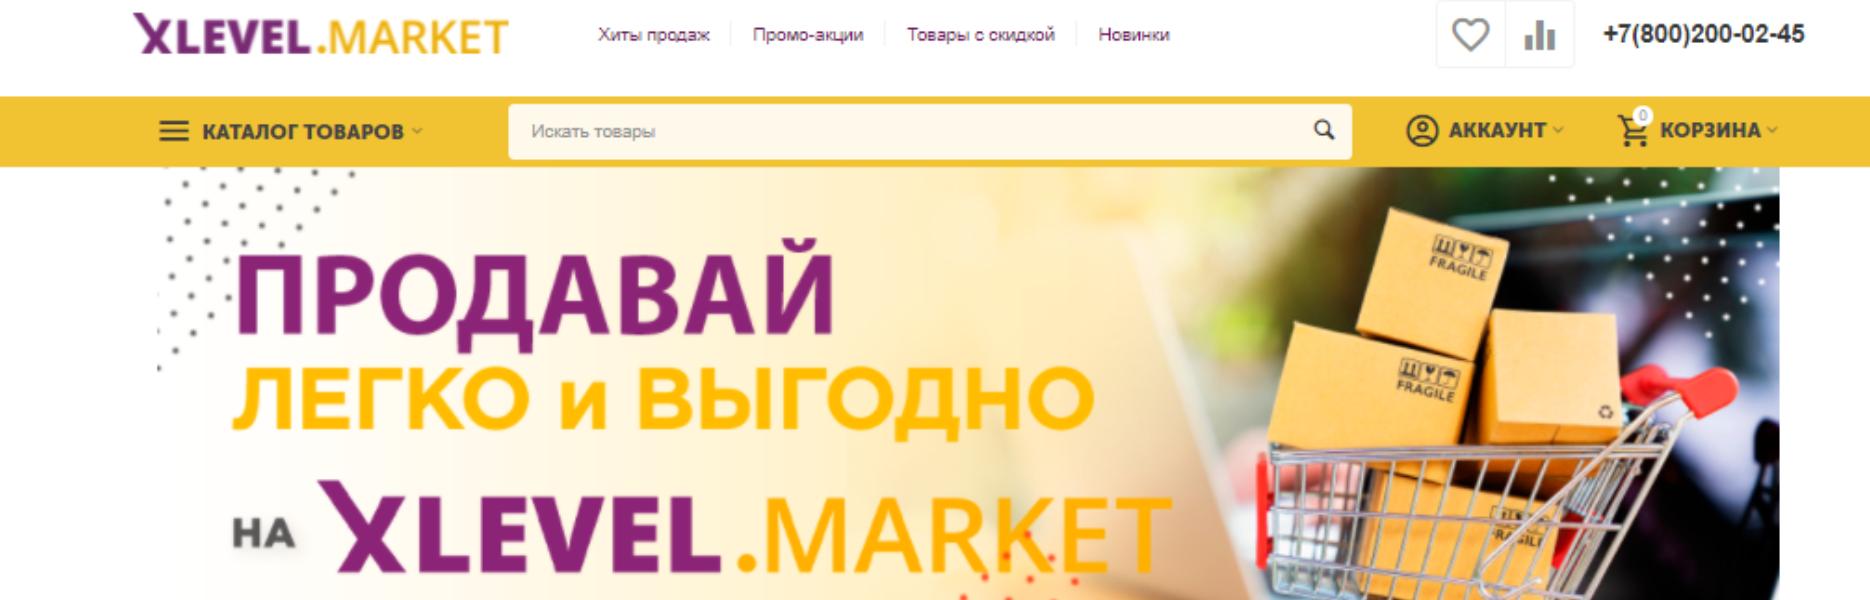 Marketplace Xlevel.market